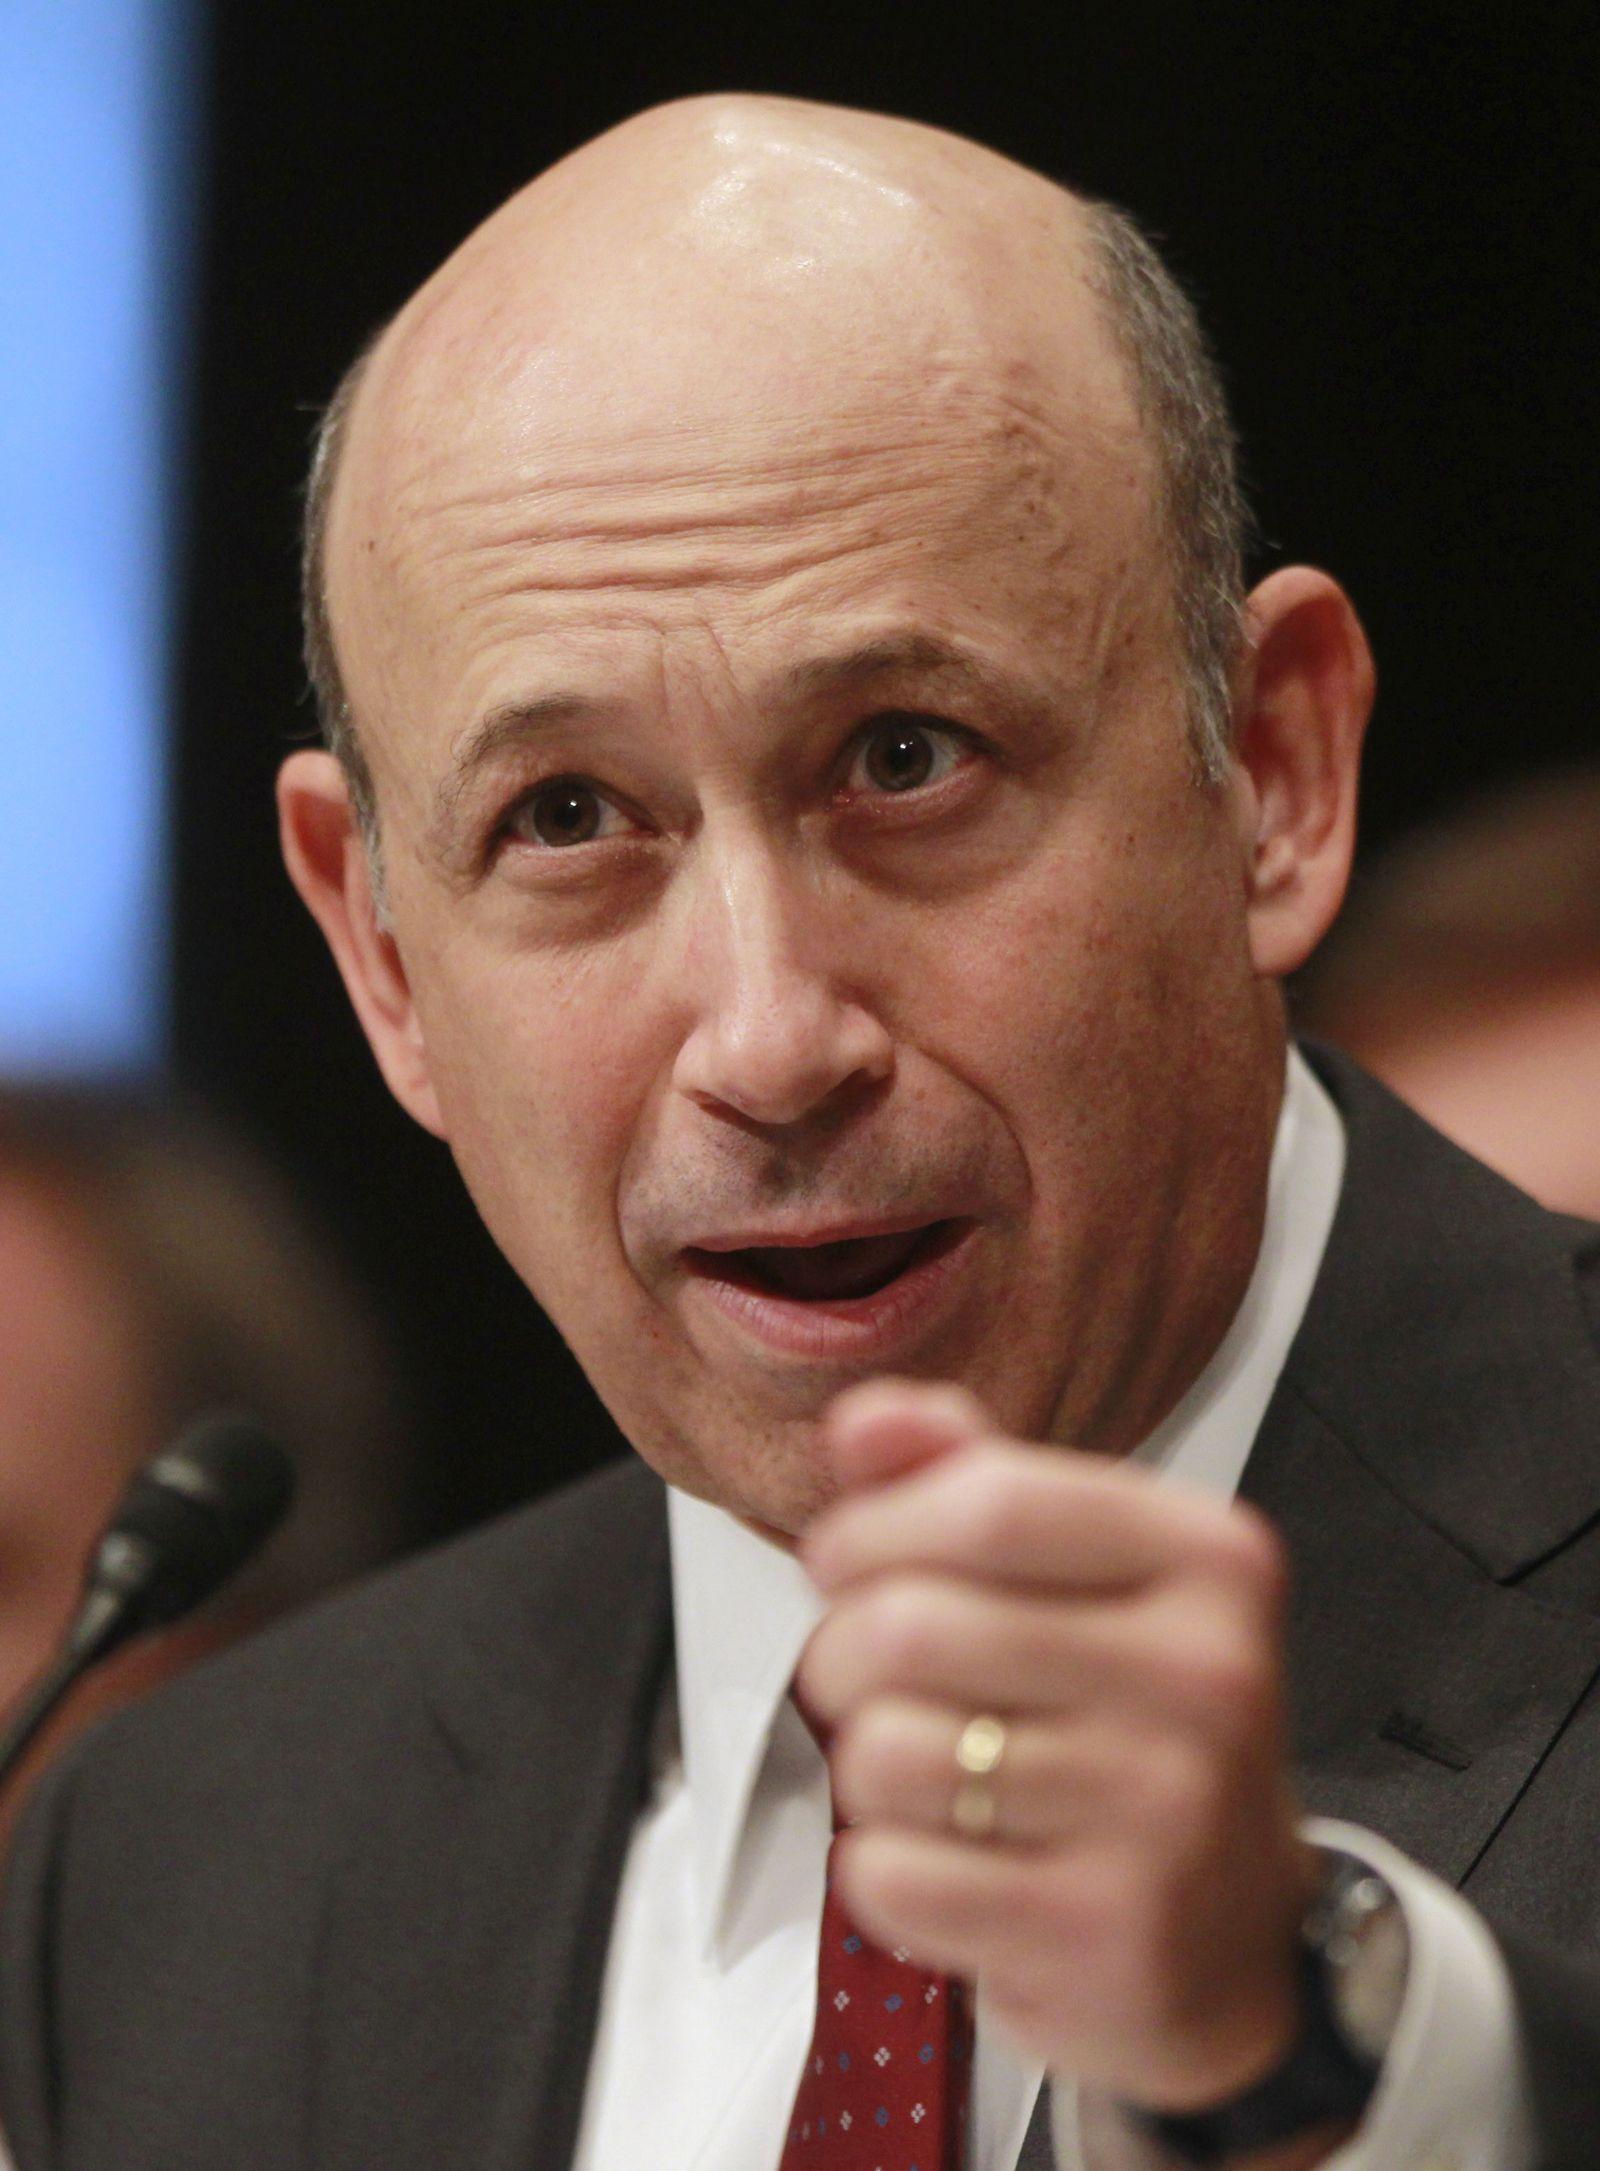 Goldman Sachs / Lloyd Blankfein